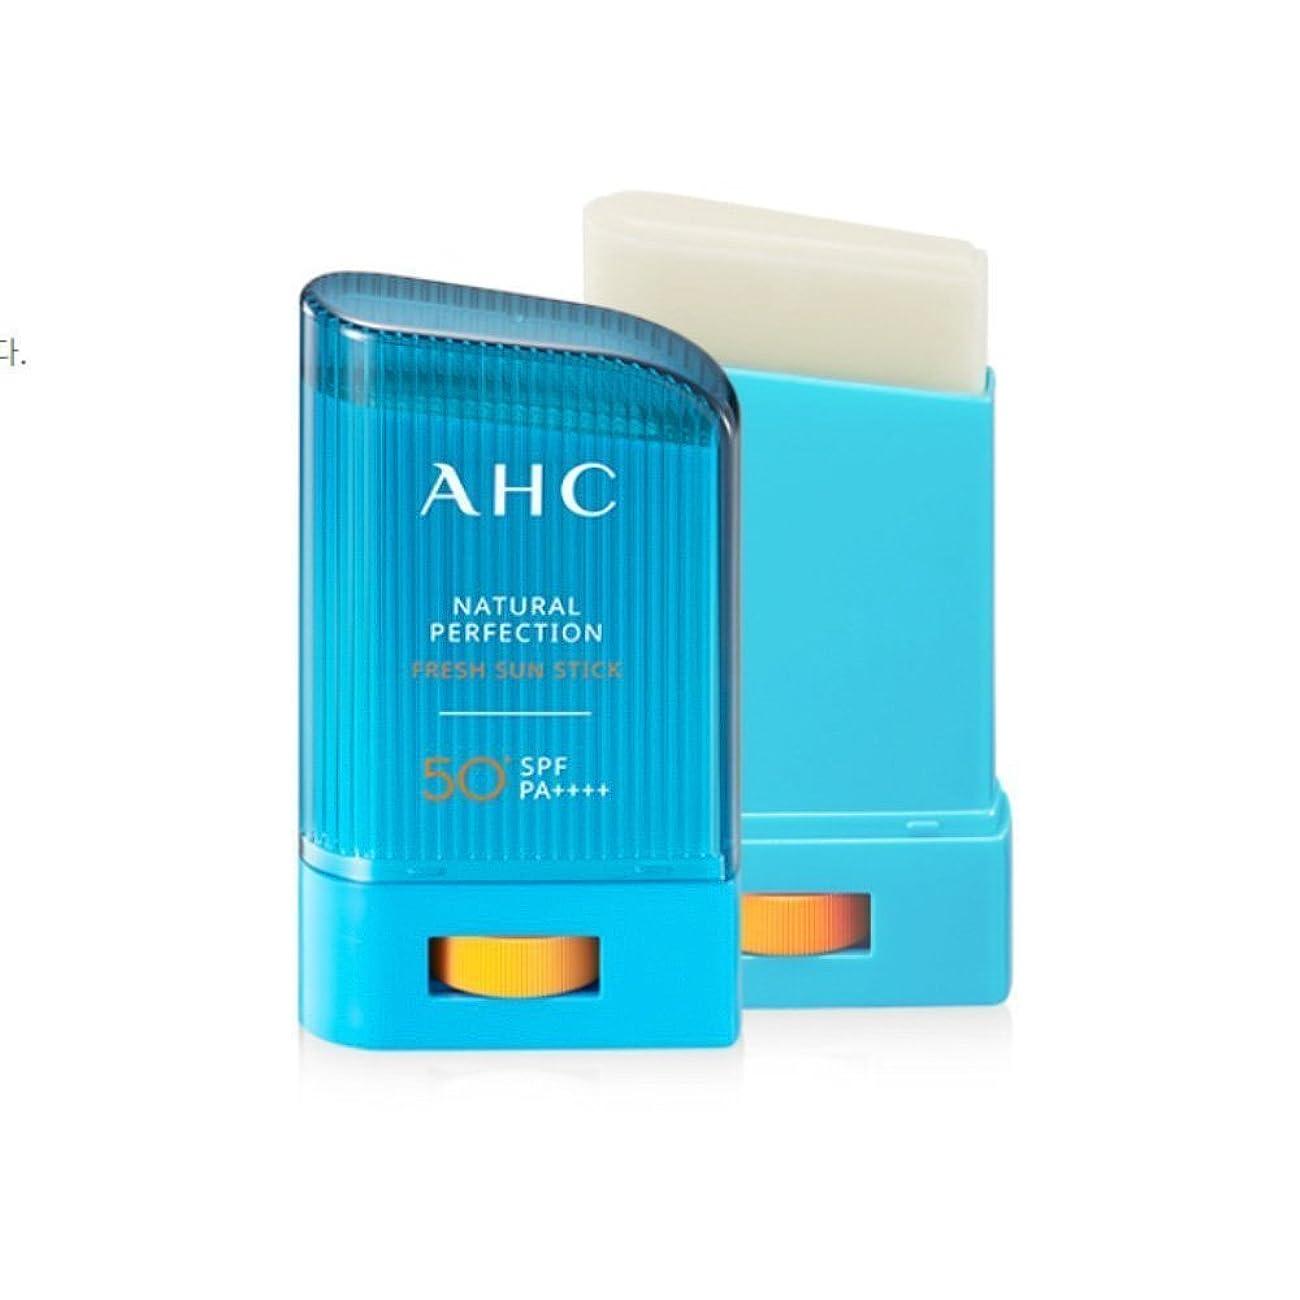 ゴミ箱を空にする仲人自己[1+1] AHC Natural Perfection Fresh Sun Stick ナチュラルパーフェクションフレッシュサンスティック 22g * 2個 [並行輸入品]